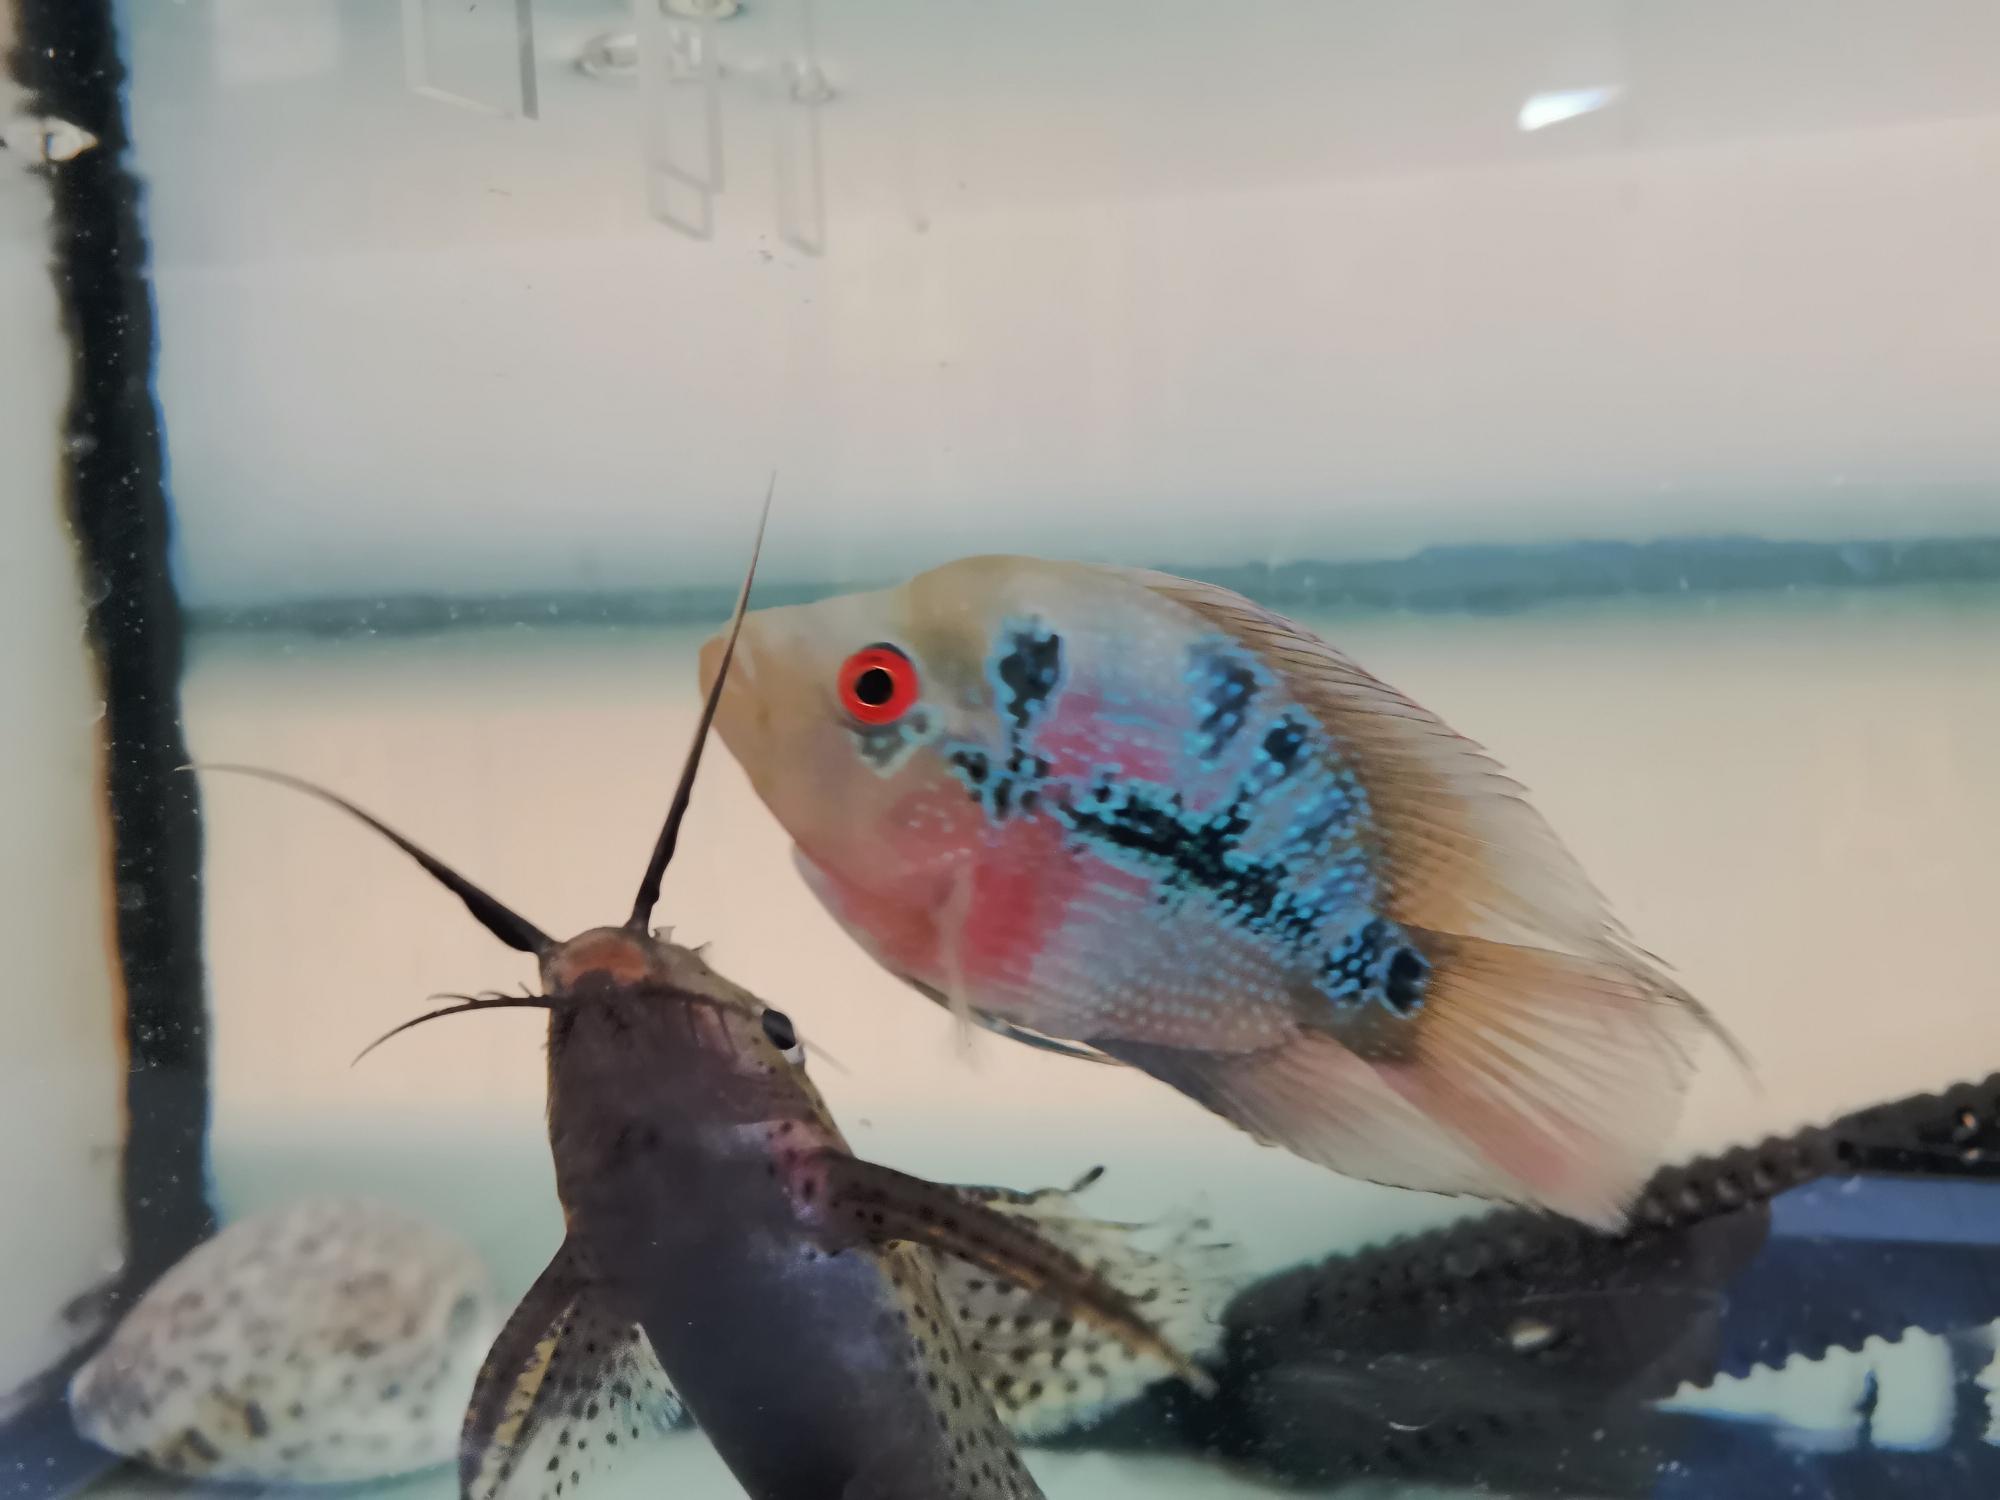 这是麒麟鹦鹉吧? 西安龙鱼论坛 西安龙鱼第9张